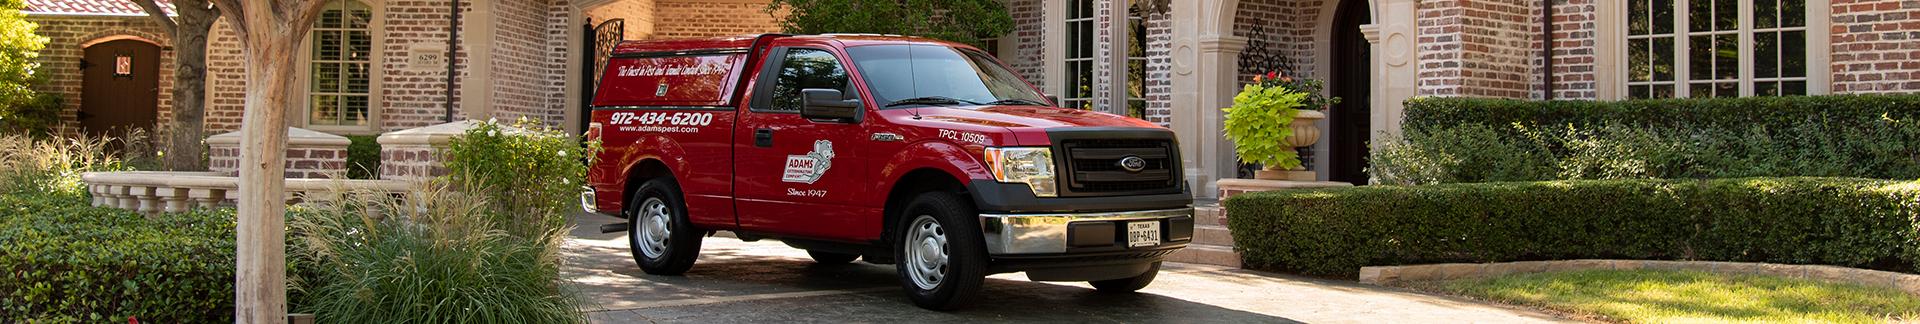 adams pest control's truck in allen tx